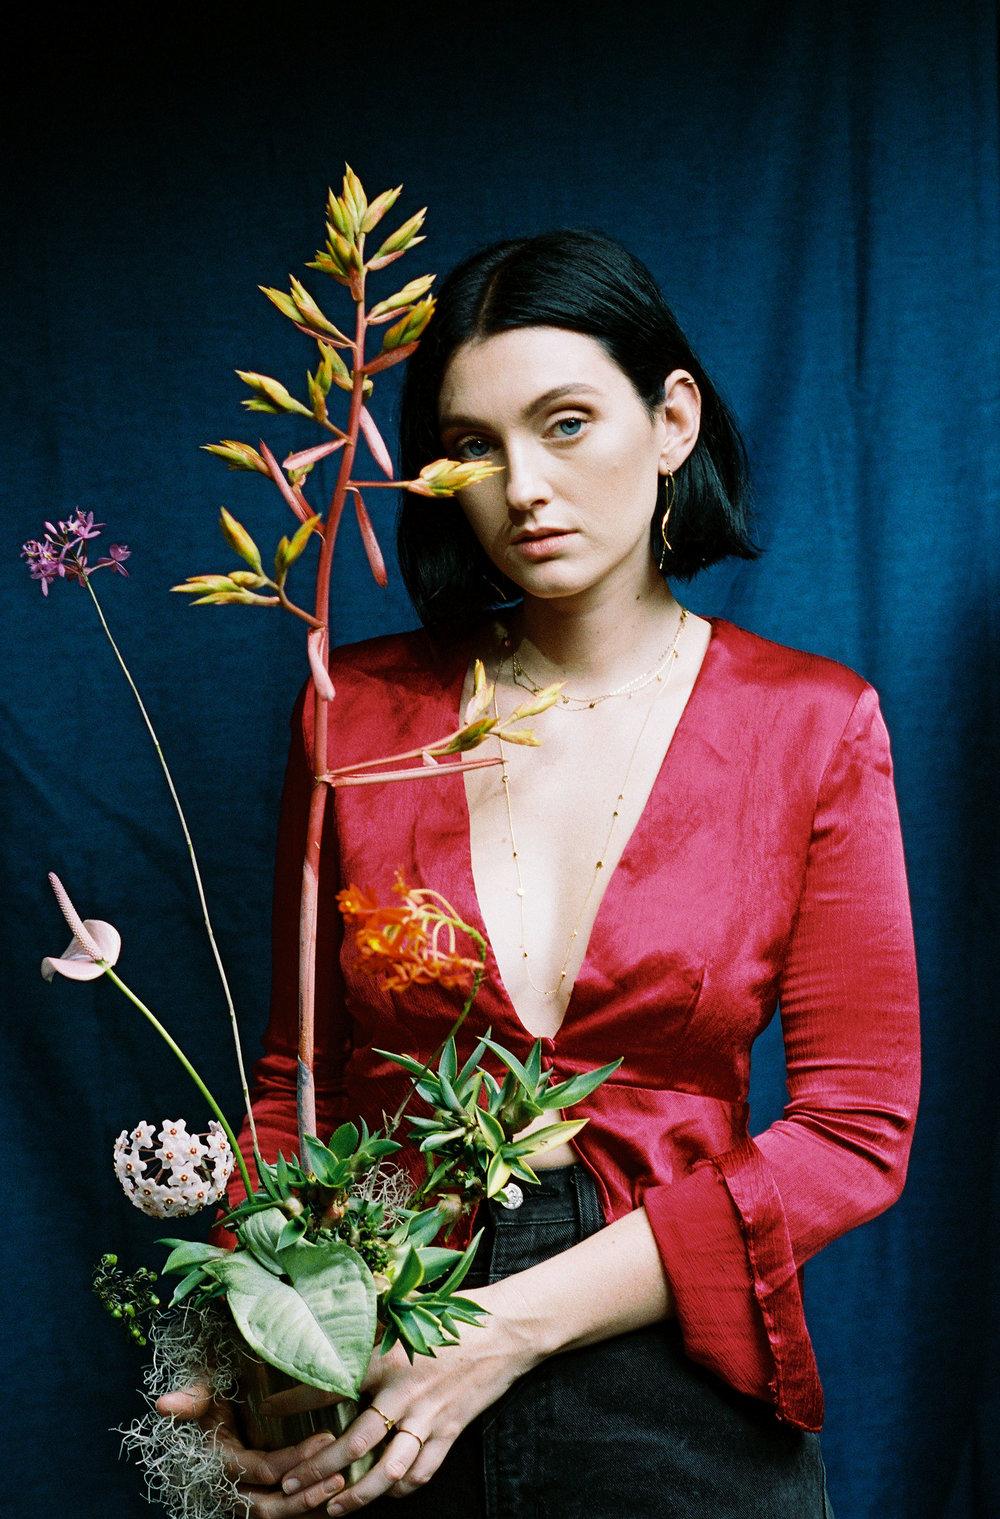 Bloodwood Botanica | Tropical Flowers Portrait